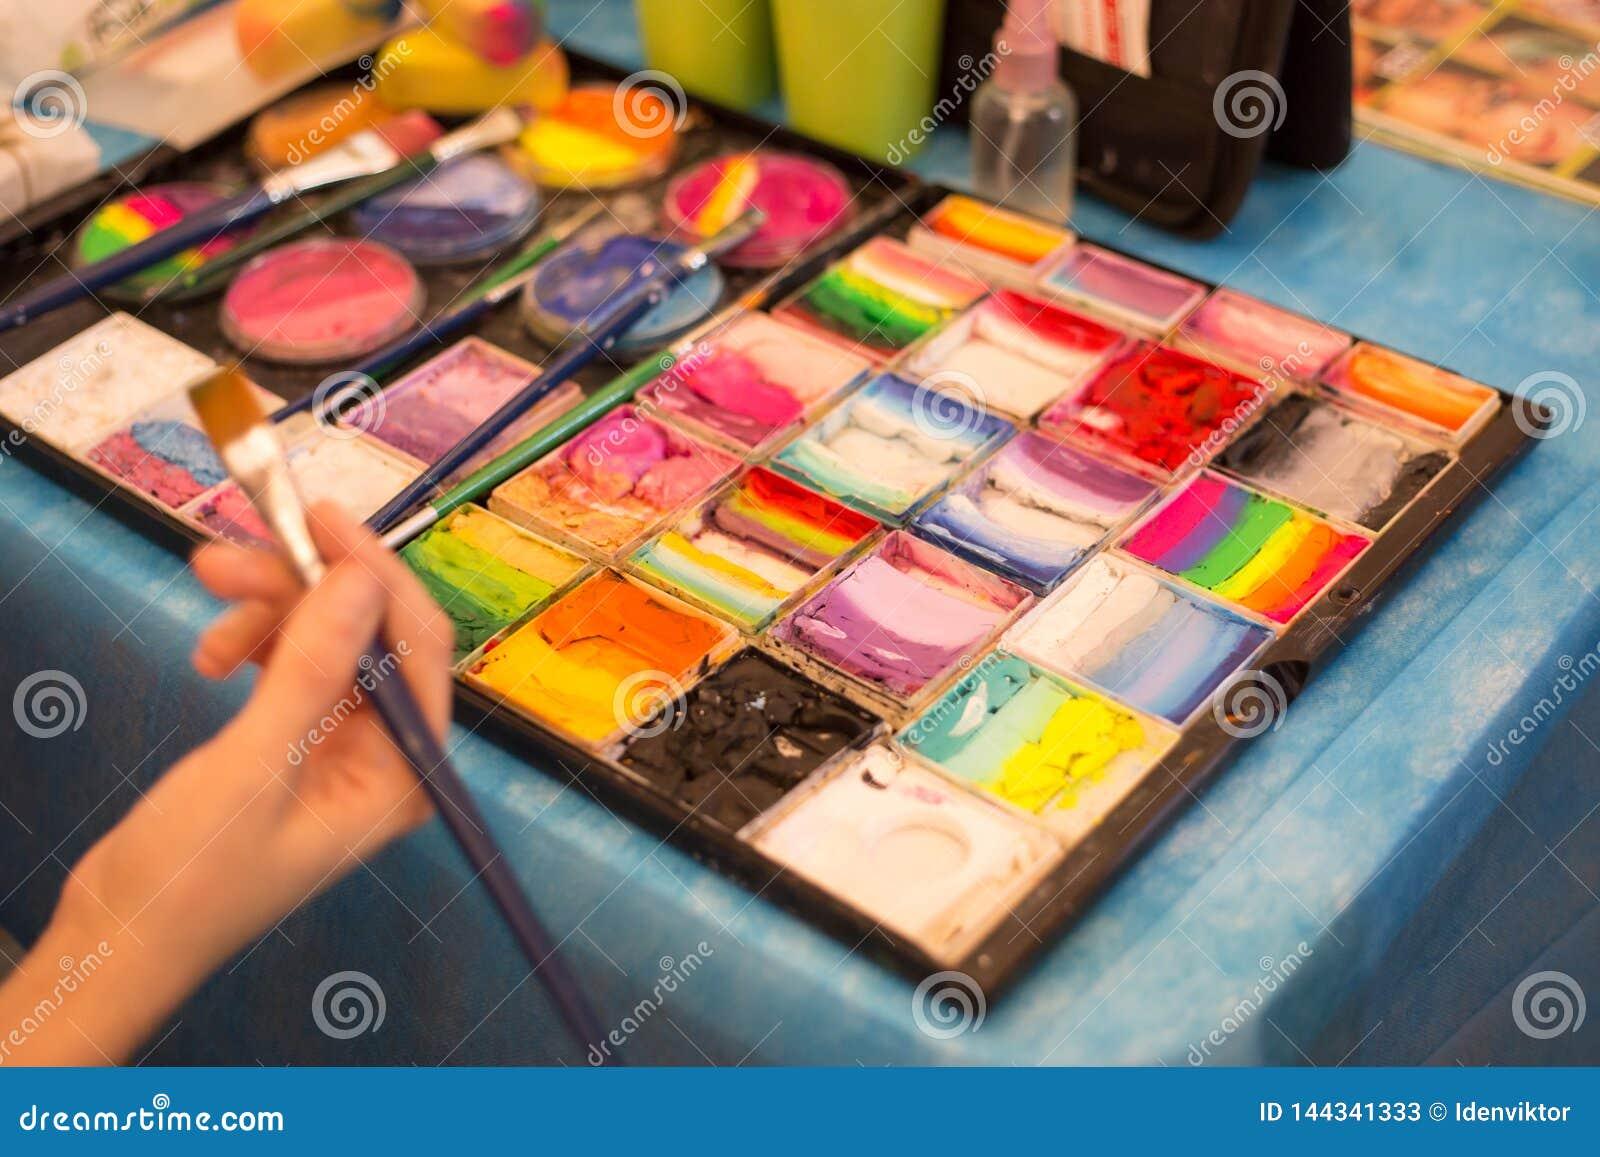 Peinture, palette et brosses de couleur sur le lieu de travail de l artiste Dessin, créativité, art